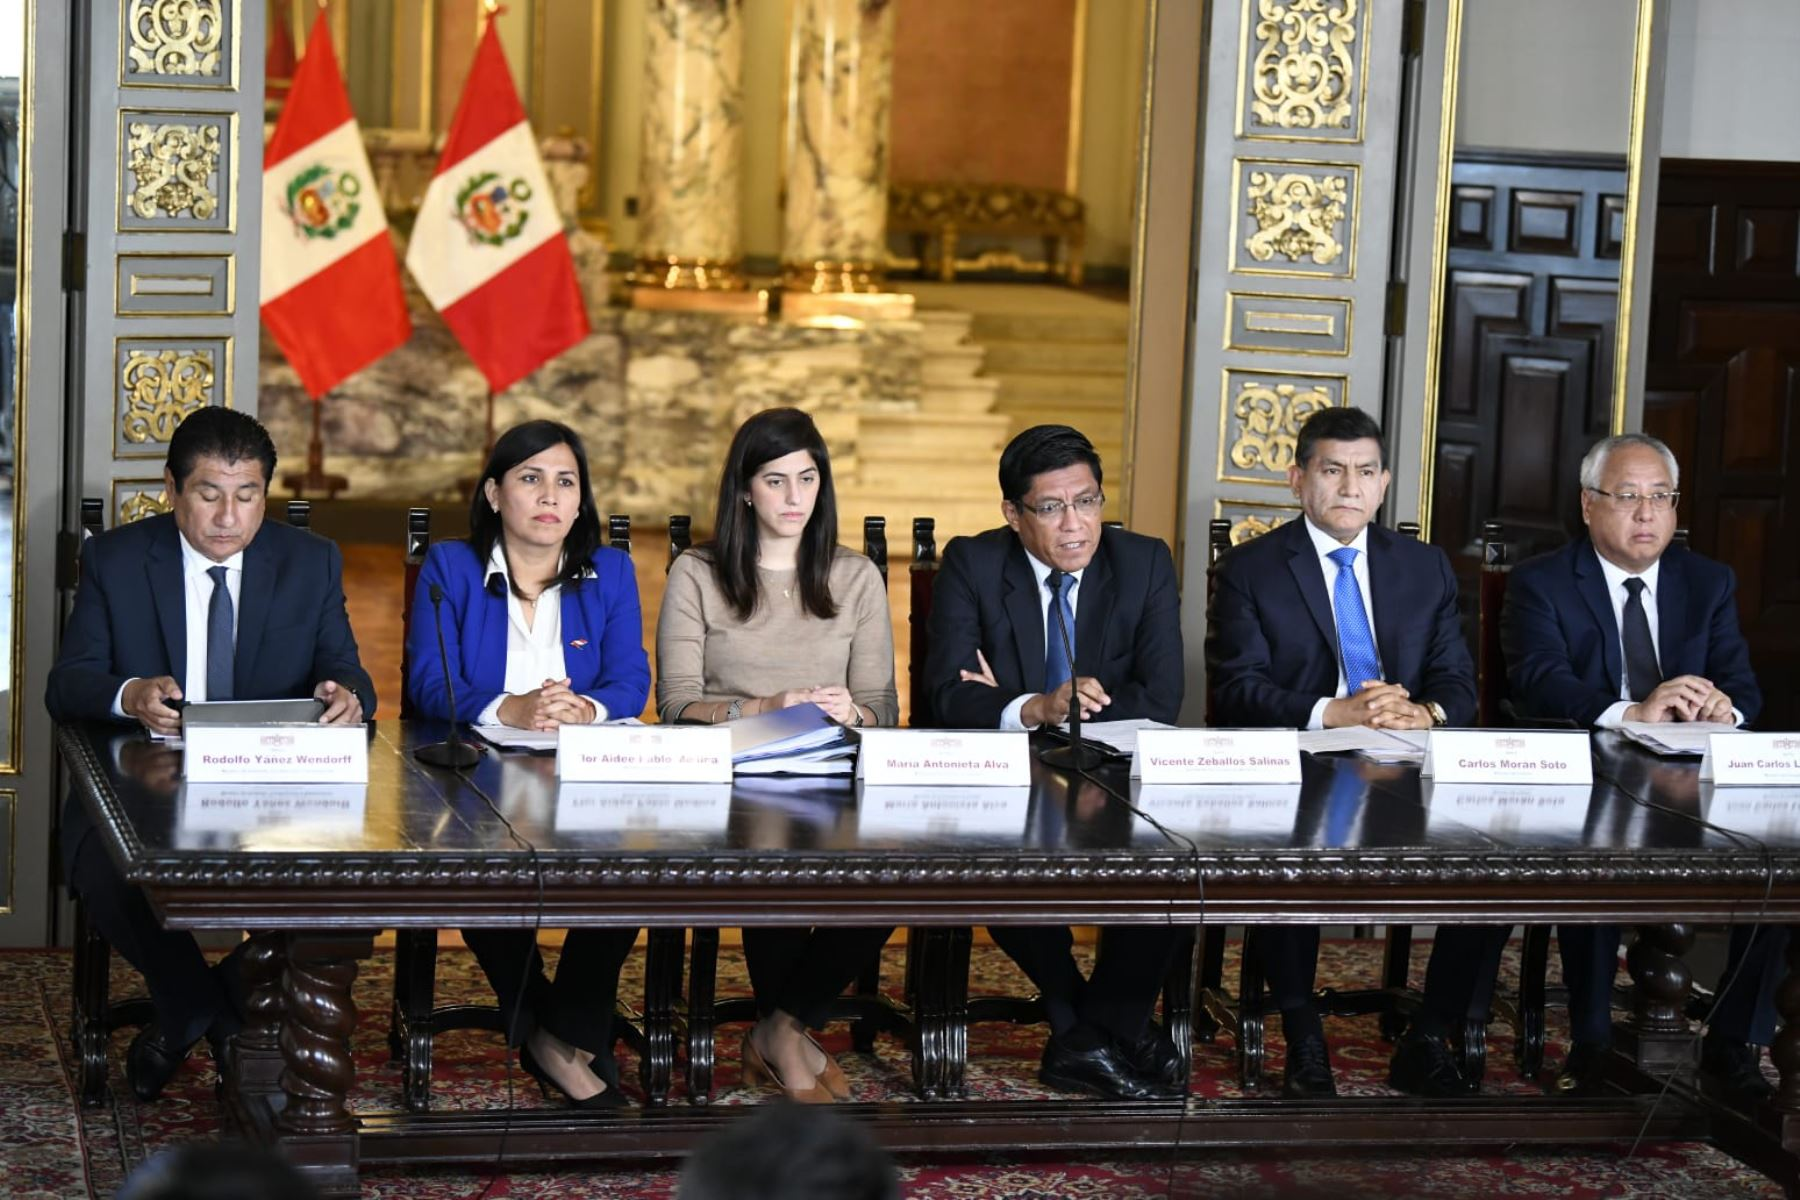 Presidente del Consejo de Ministros, Vicente Zeballos, presenta presupuesto para el año fiscal 2020.